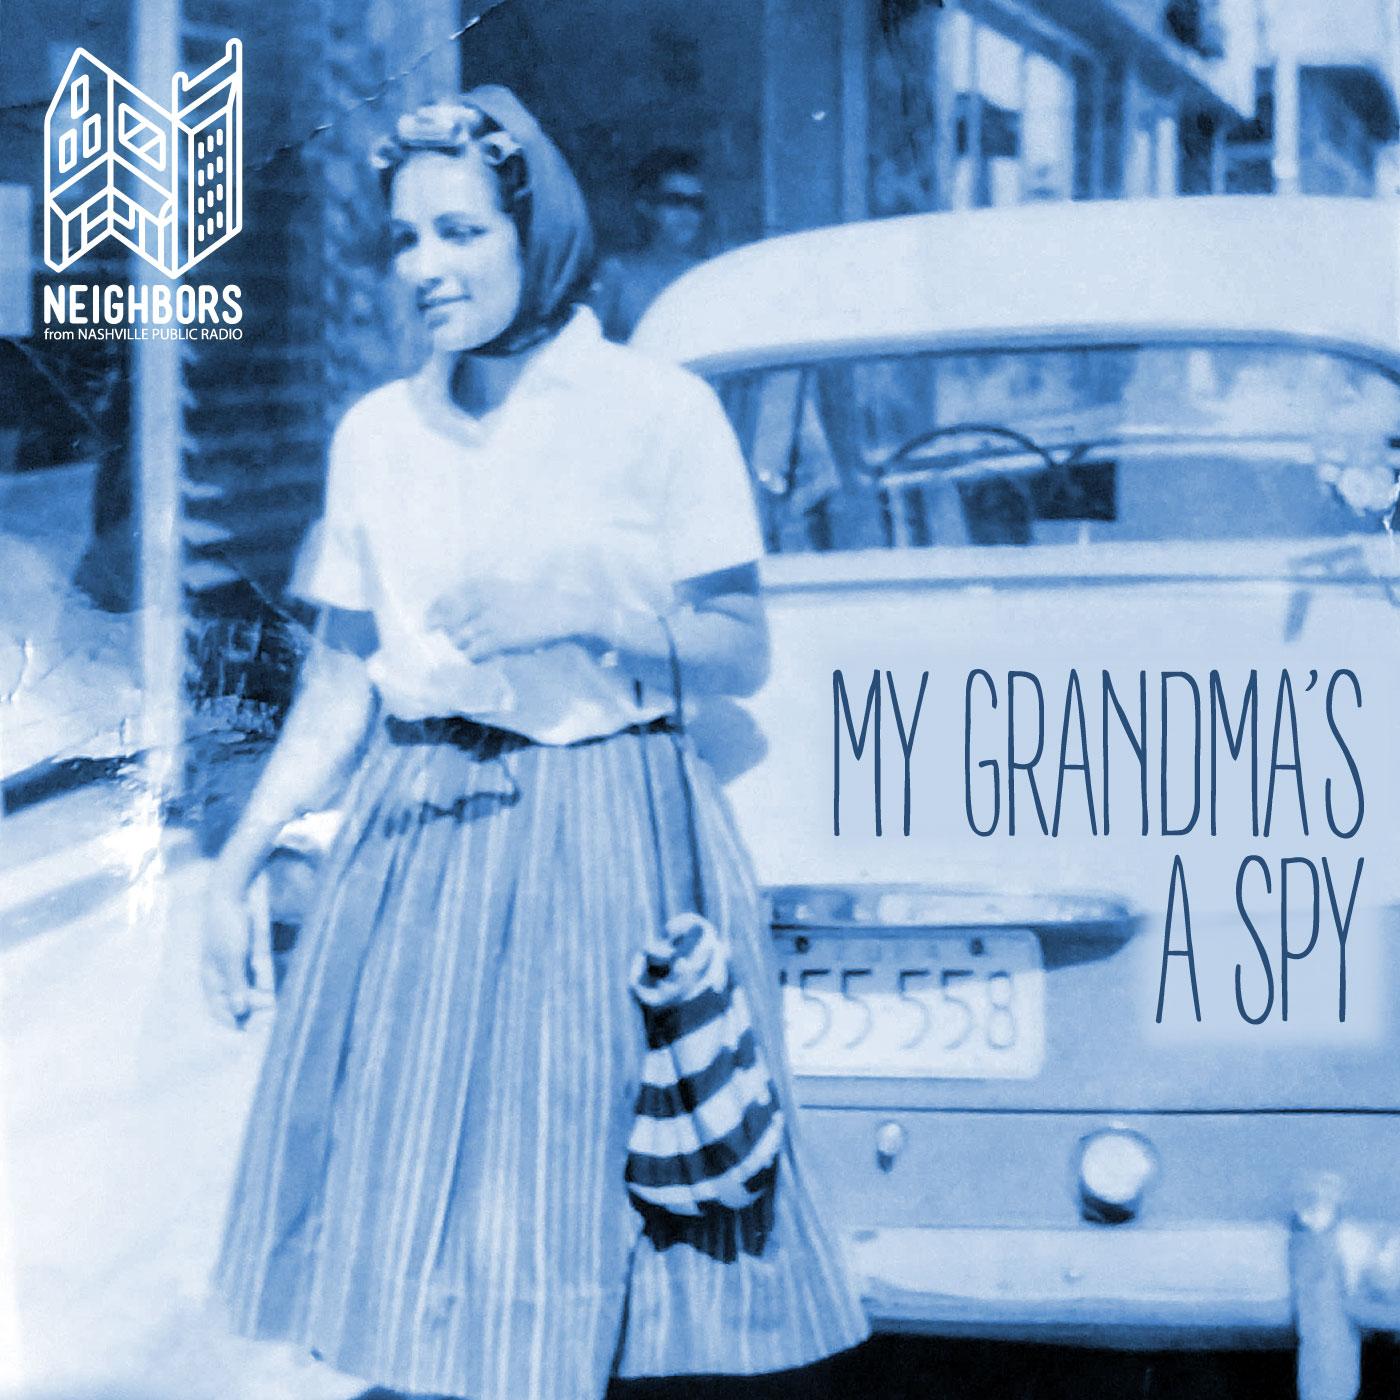 My Grandma's A Spy Image